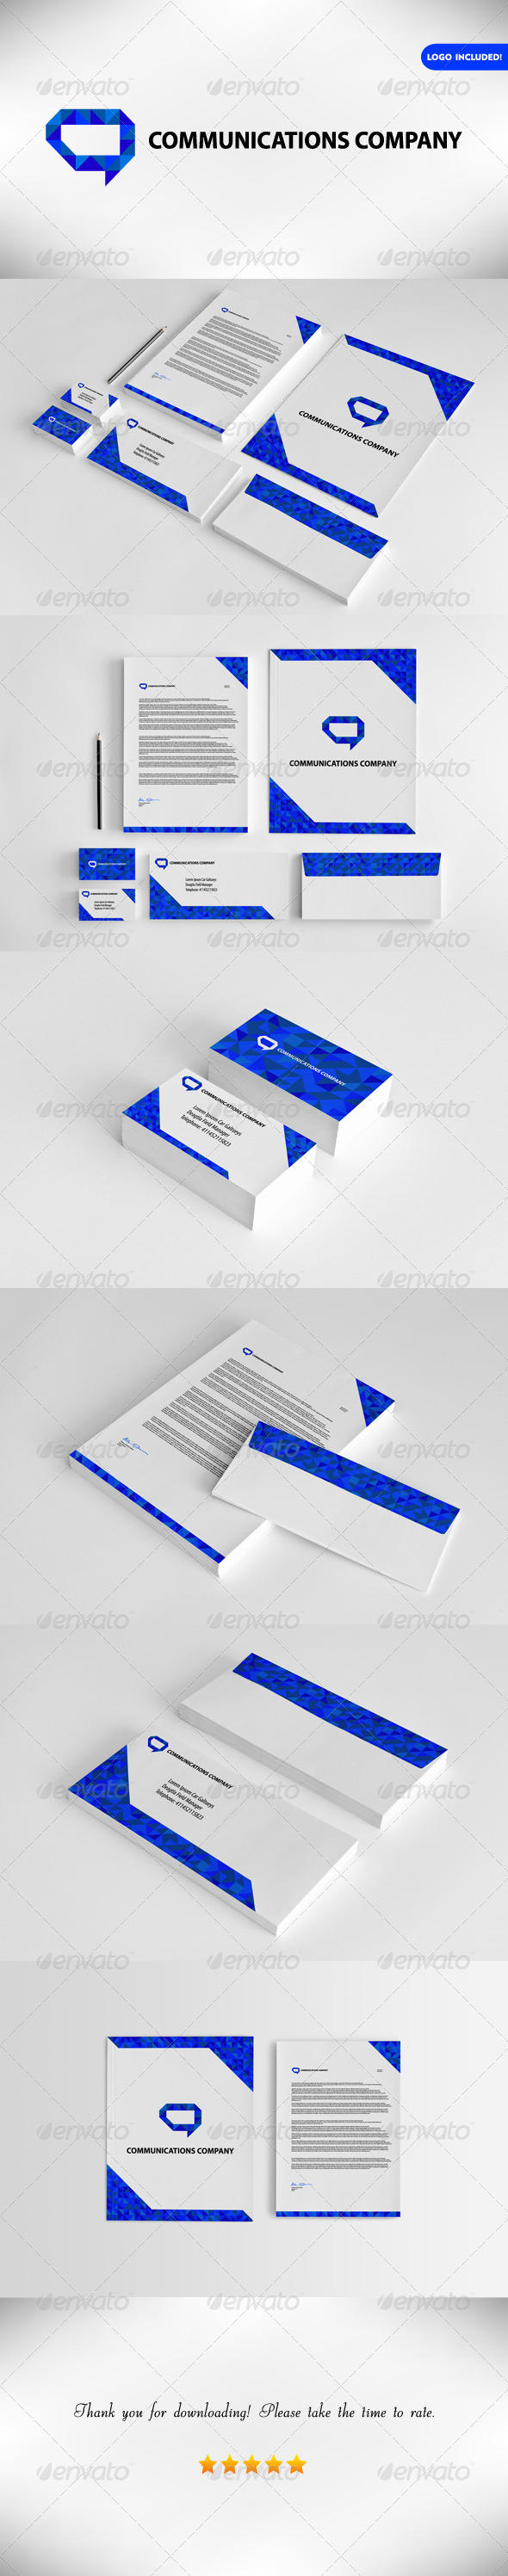 GraphicRiver Corporate Identity Communication Company 7793317